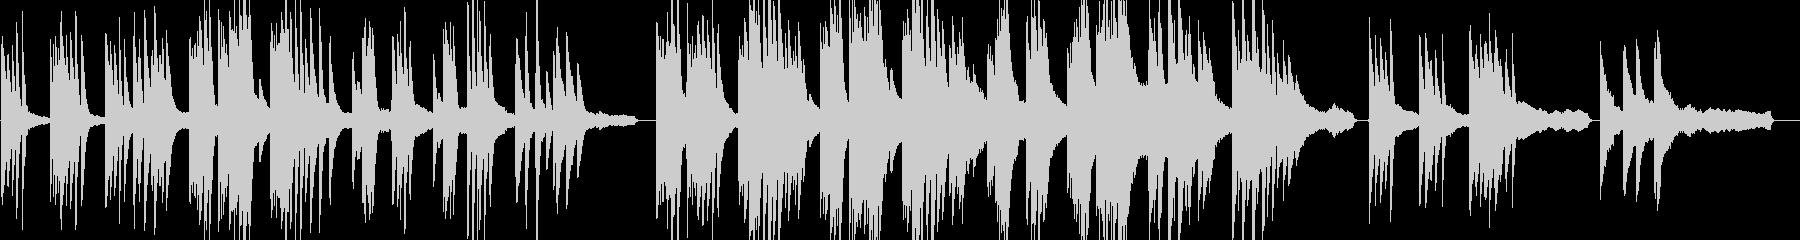 企業VP6 16bit44kHzVerの未再生の波形